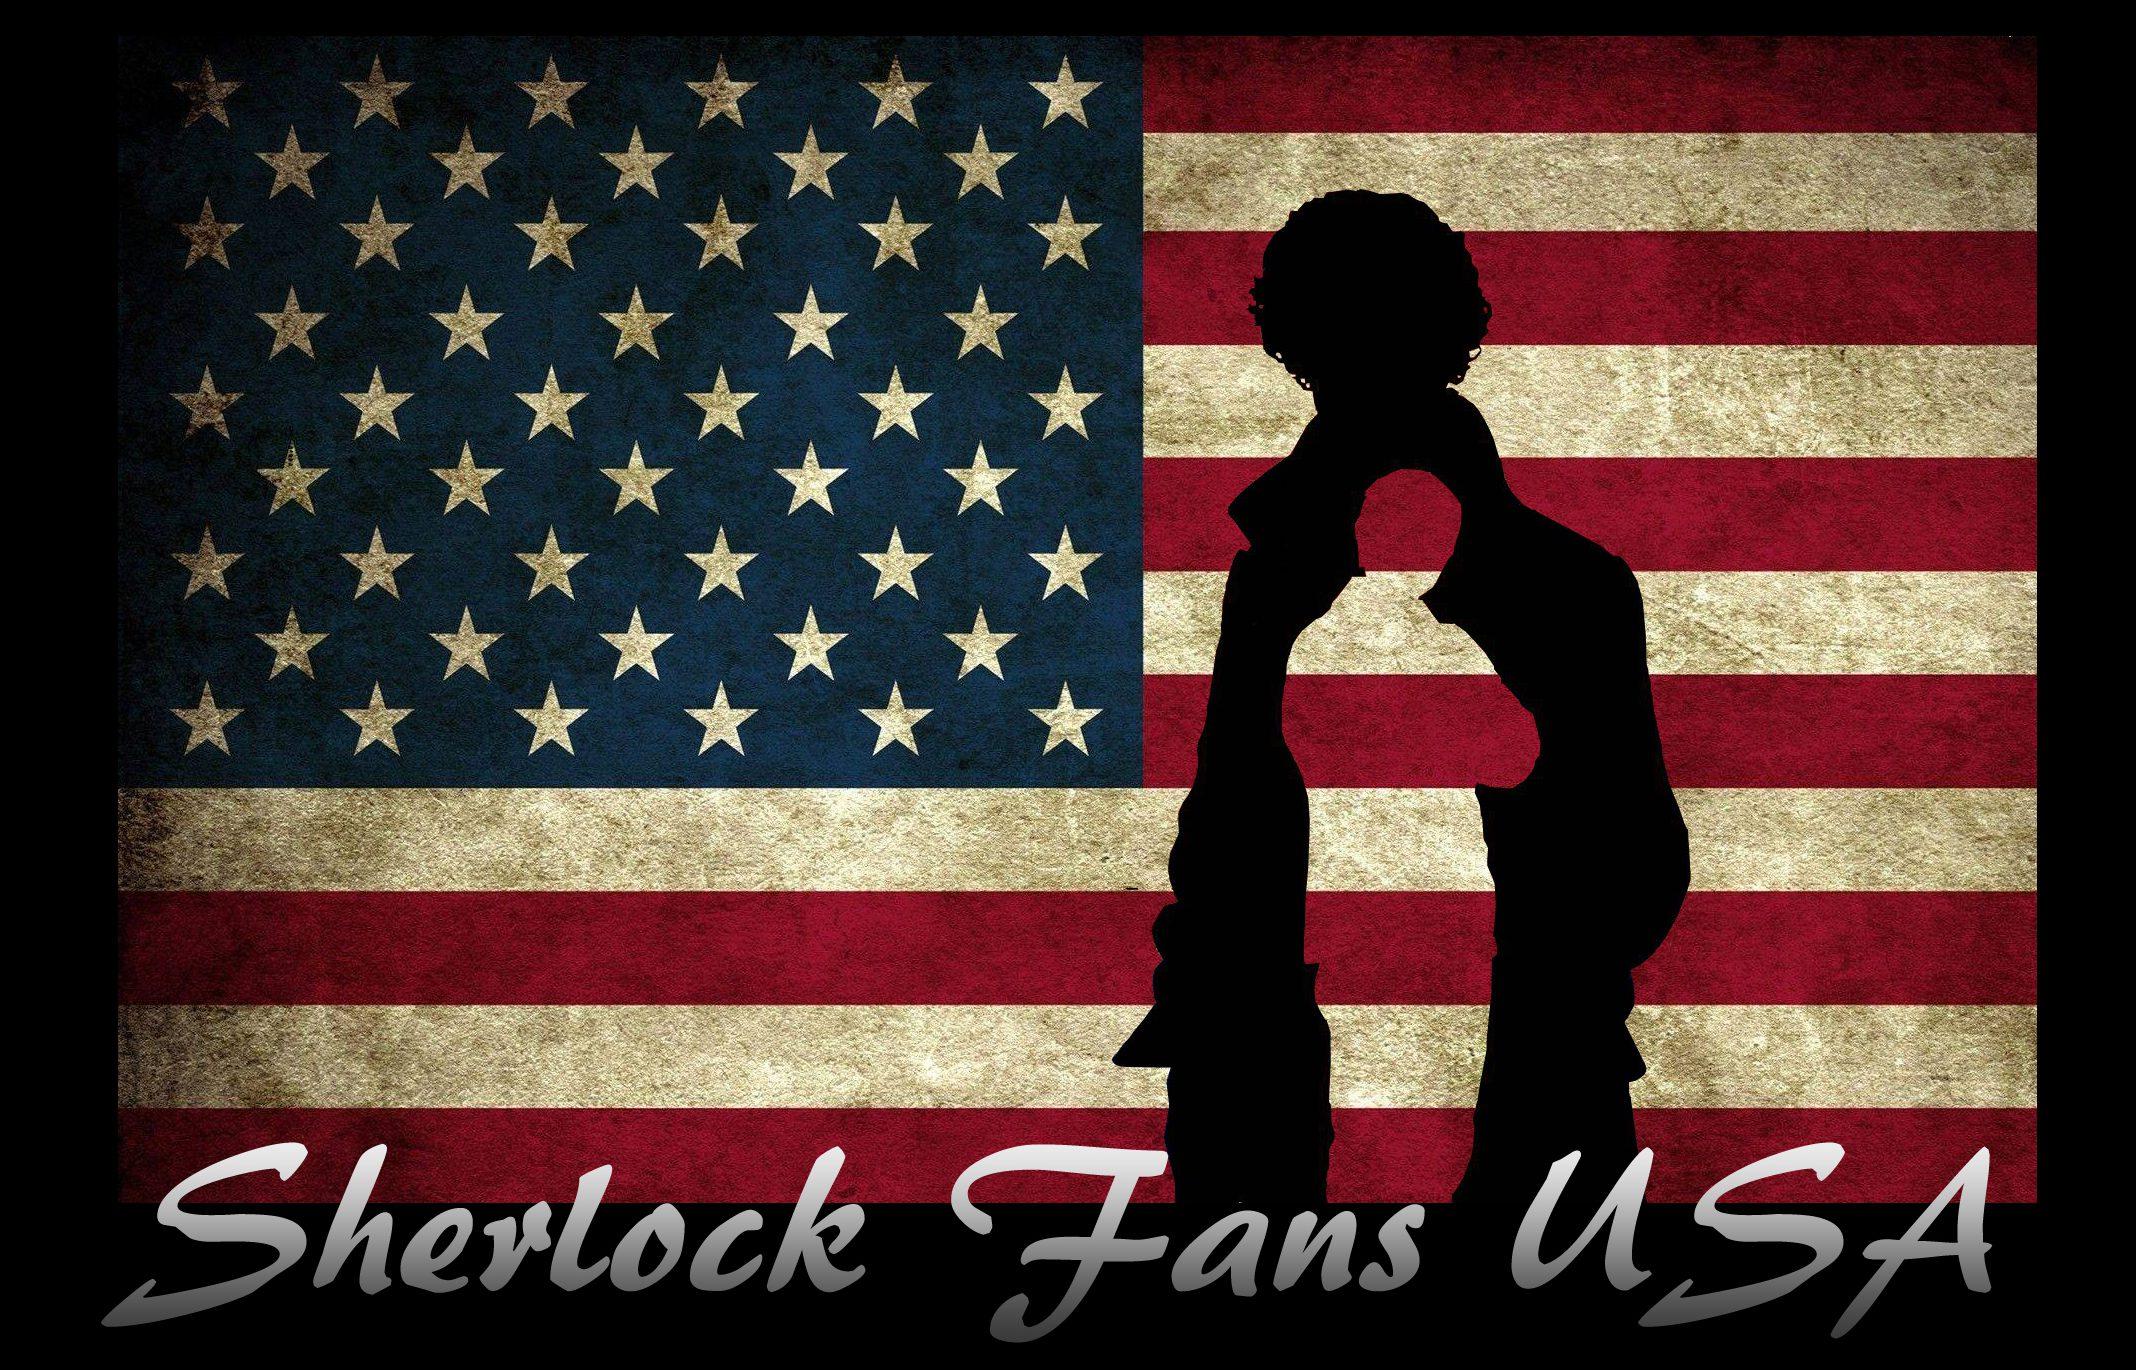 Sherlock Fans USA